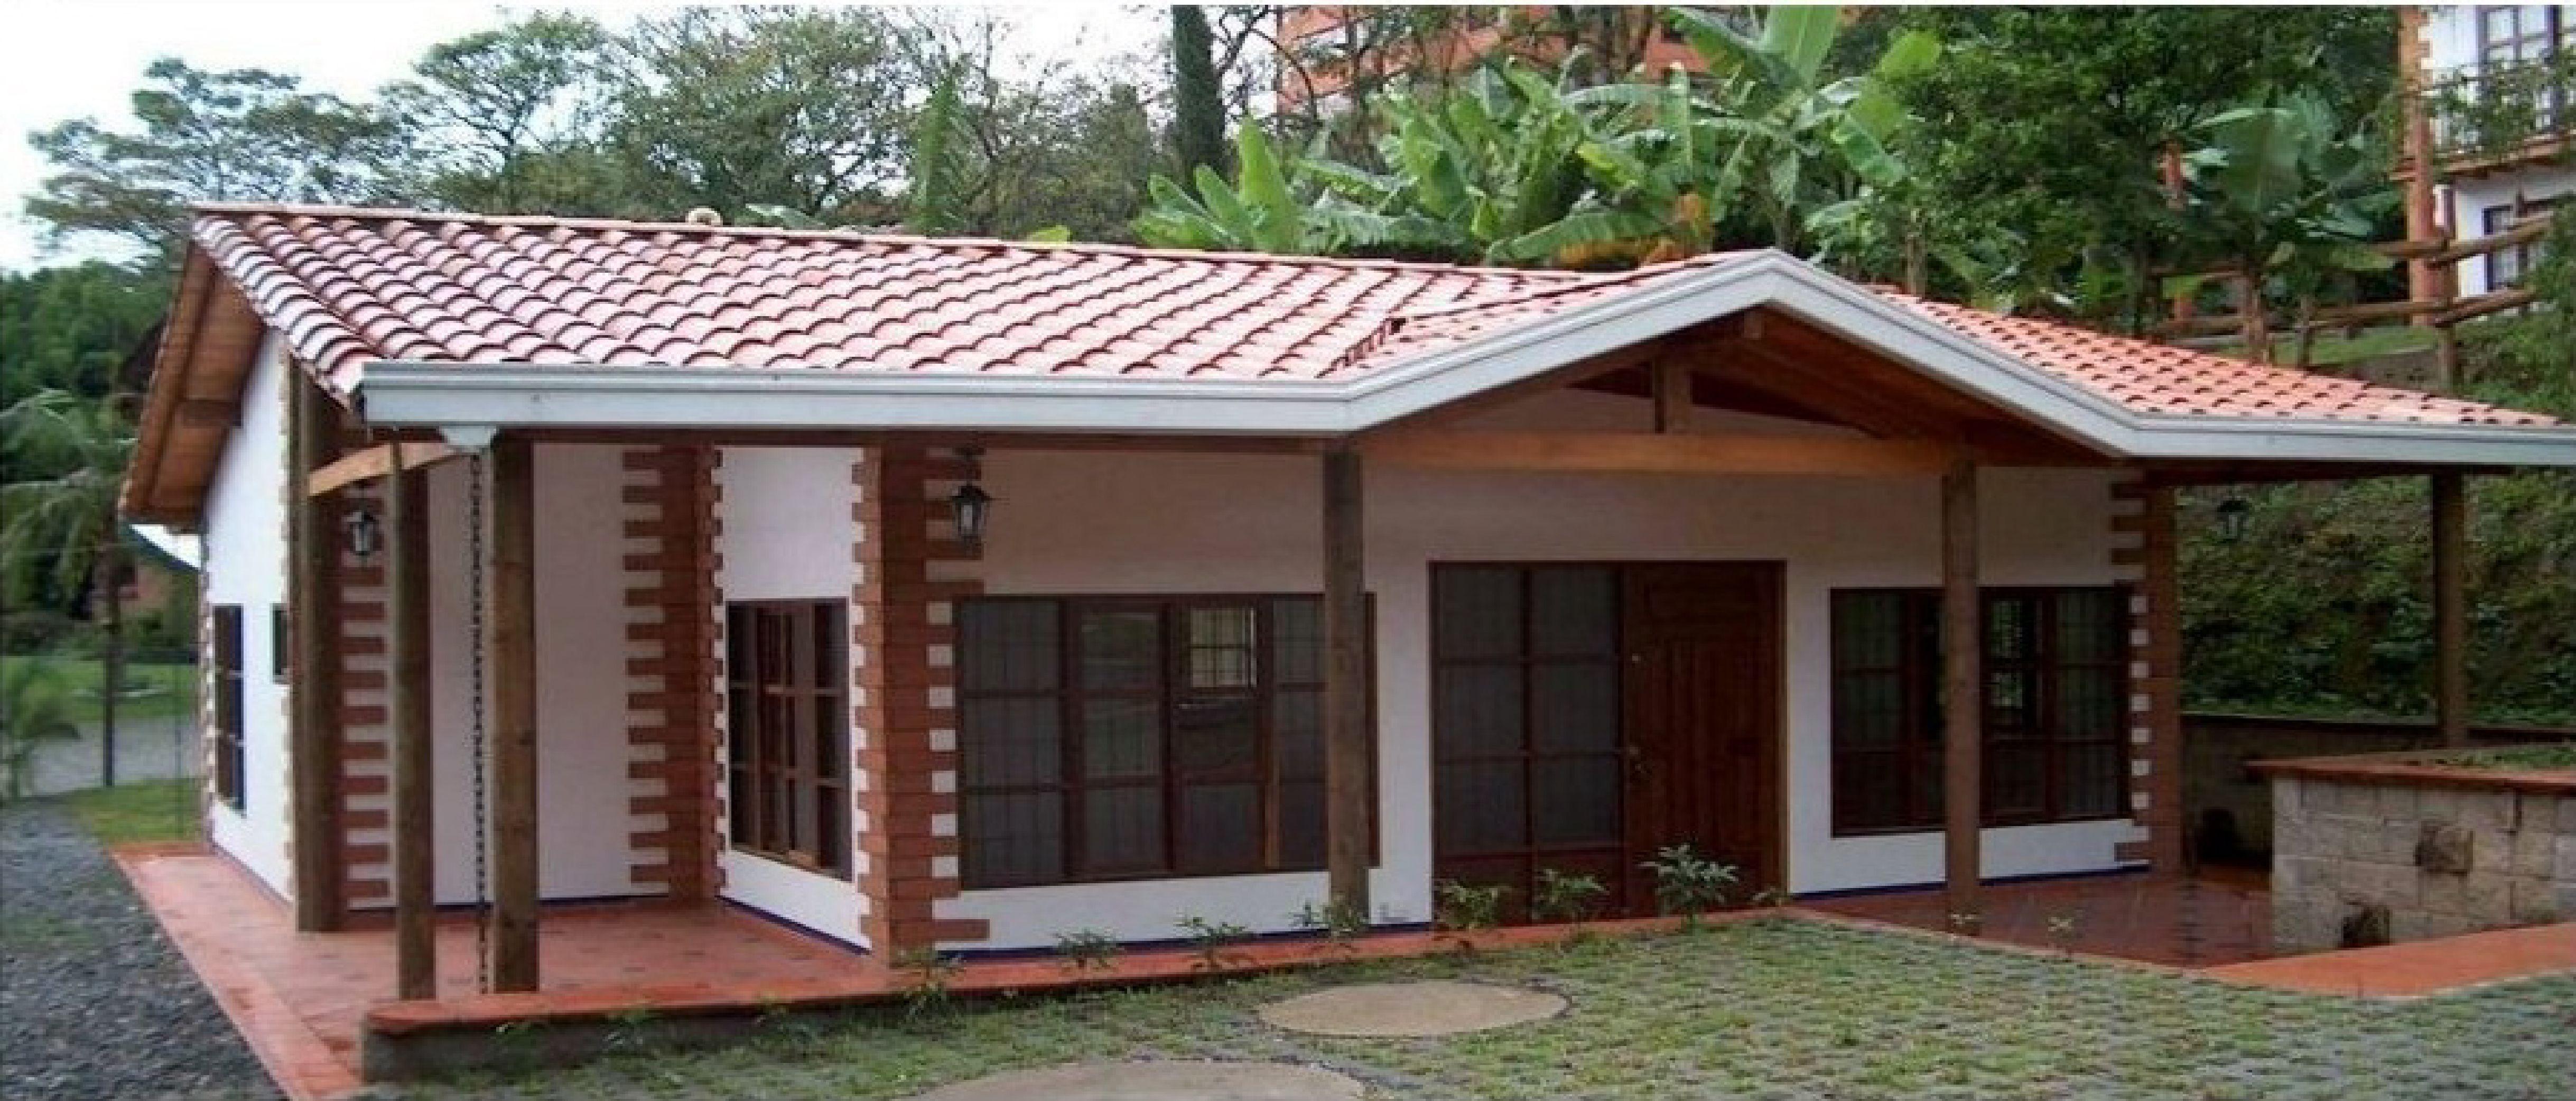 Resultado de imagen para casas prefabricadas medellin tipo - Tipos de casas prefabricadas ...